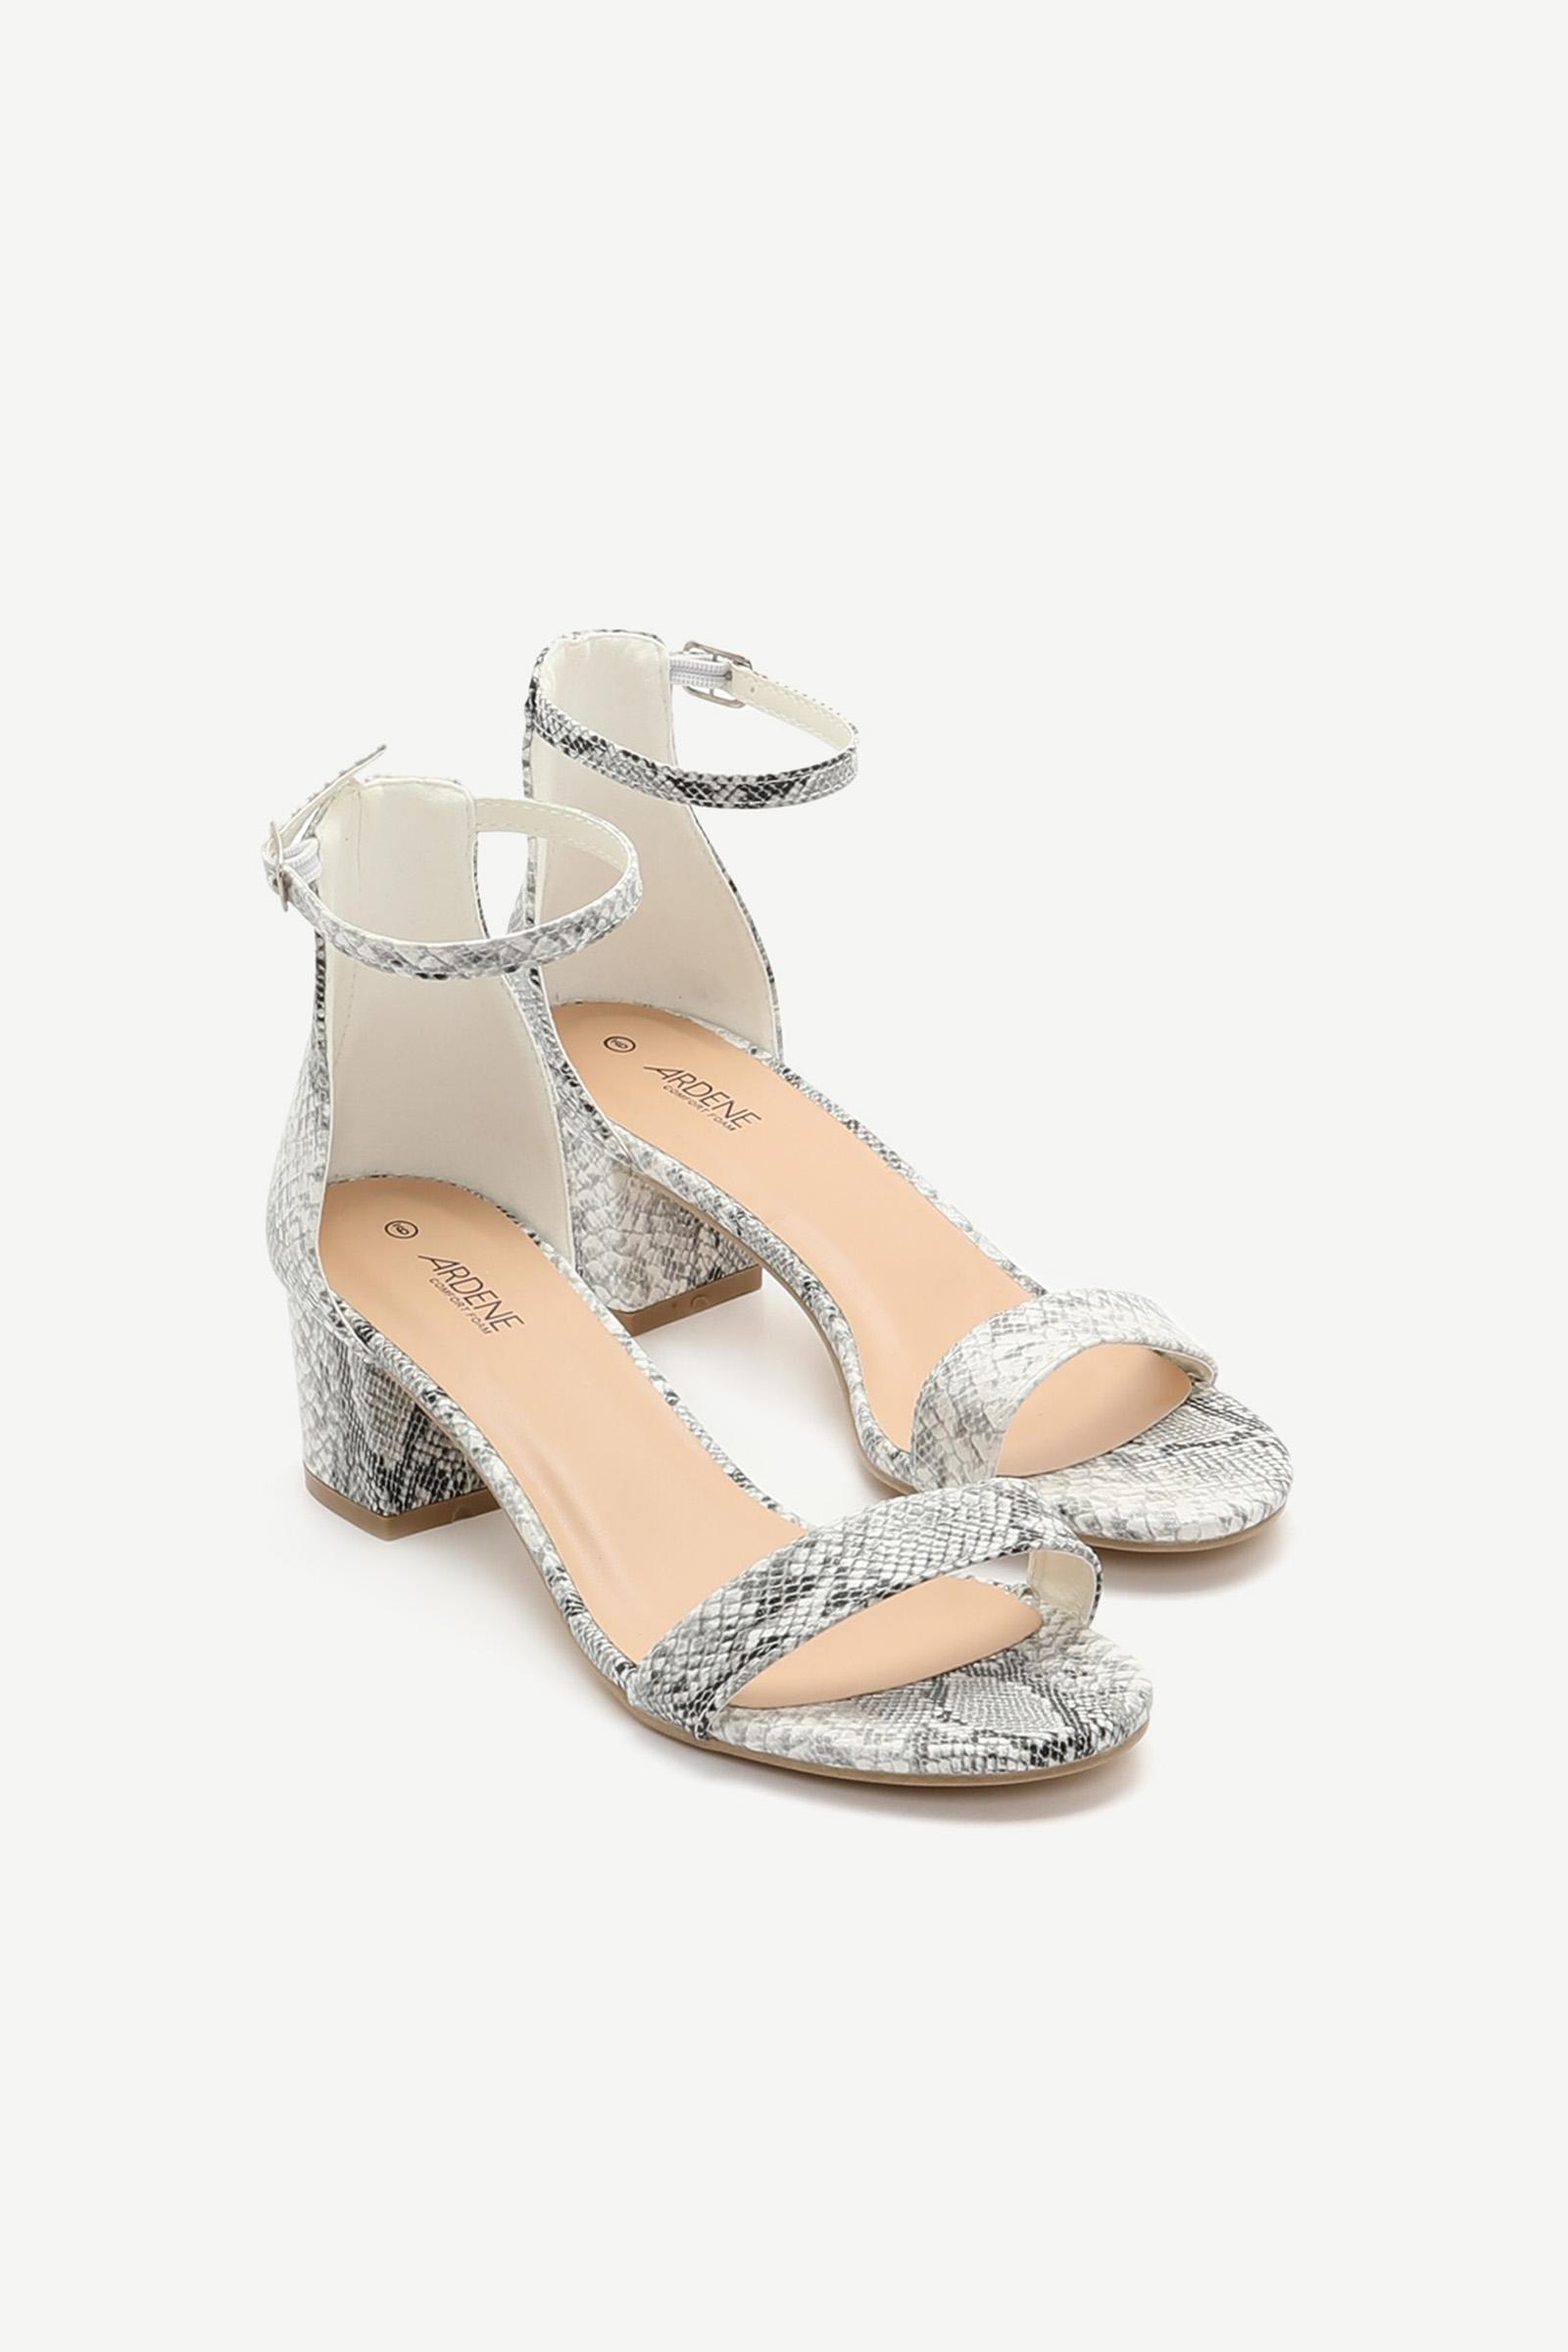 Snakeskin D'Orsay Sandals